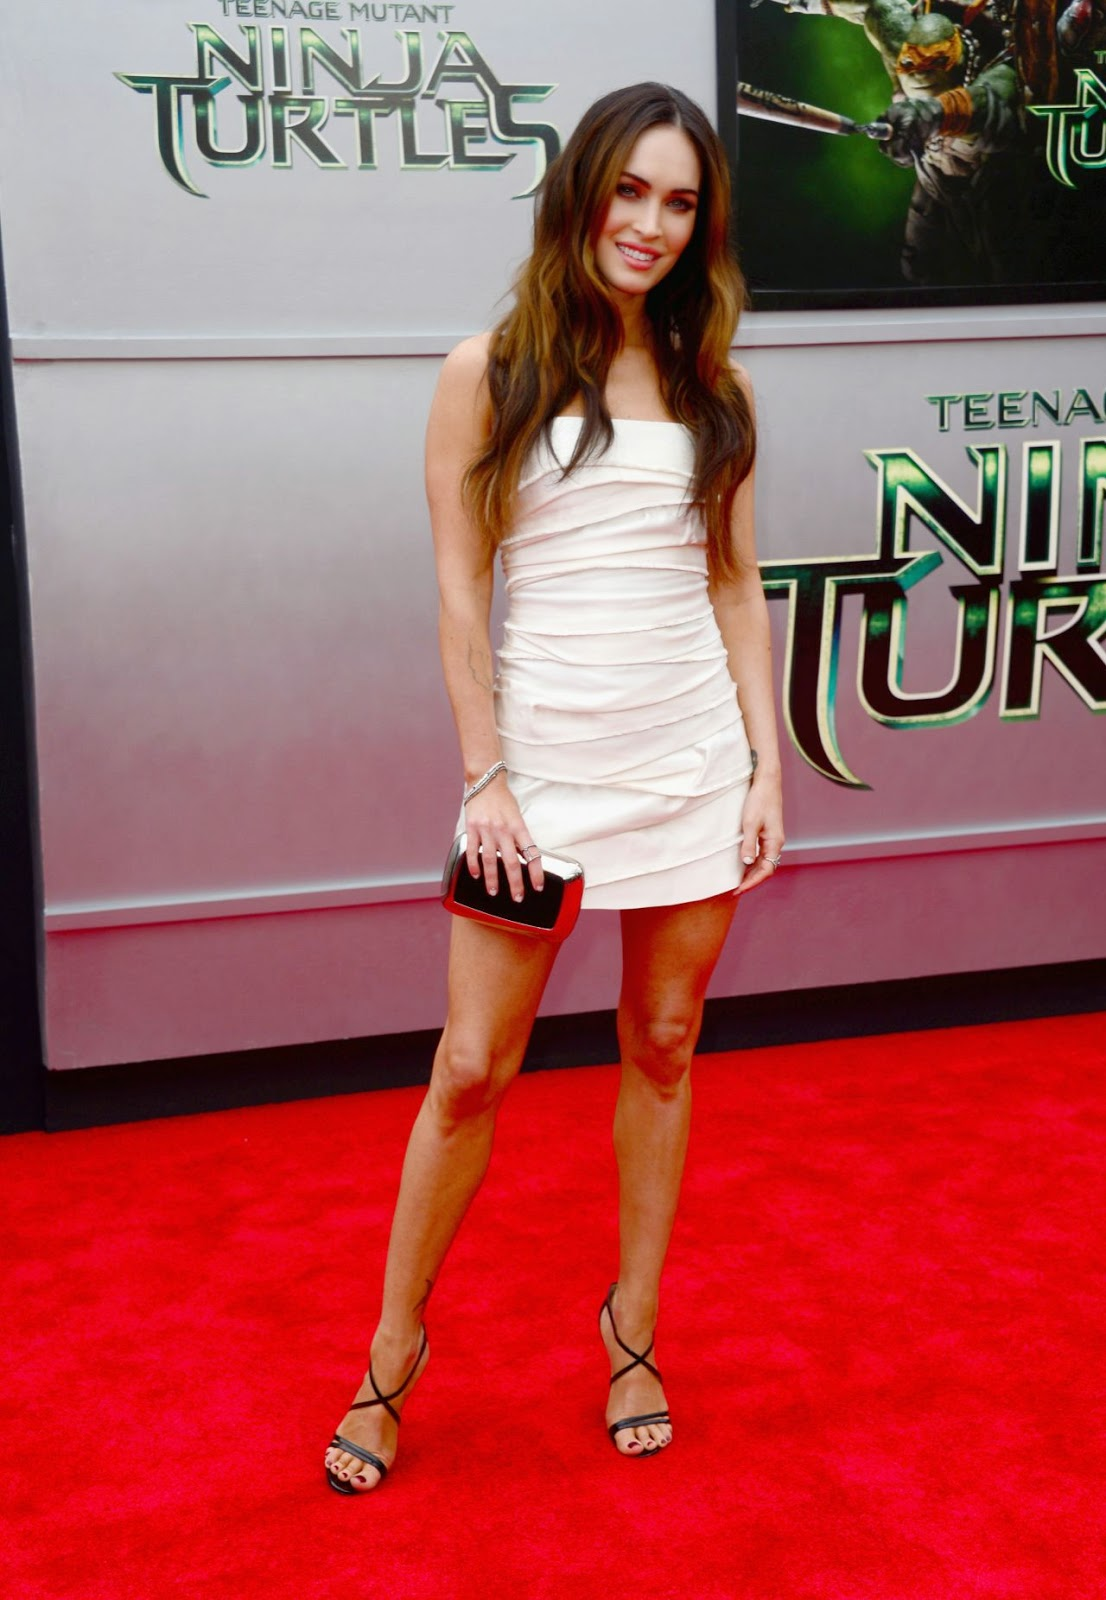 Megan Fox In A Marc Jacobs Mini Dress At The Teenage